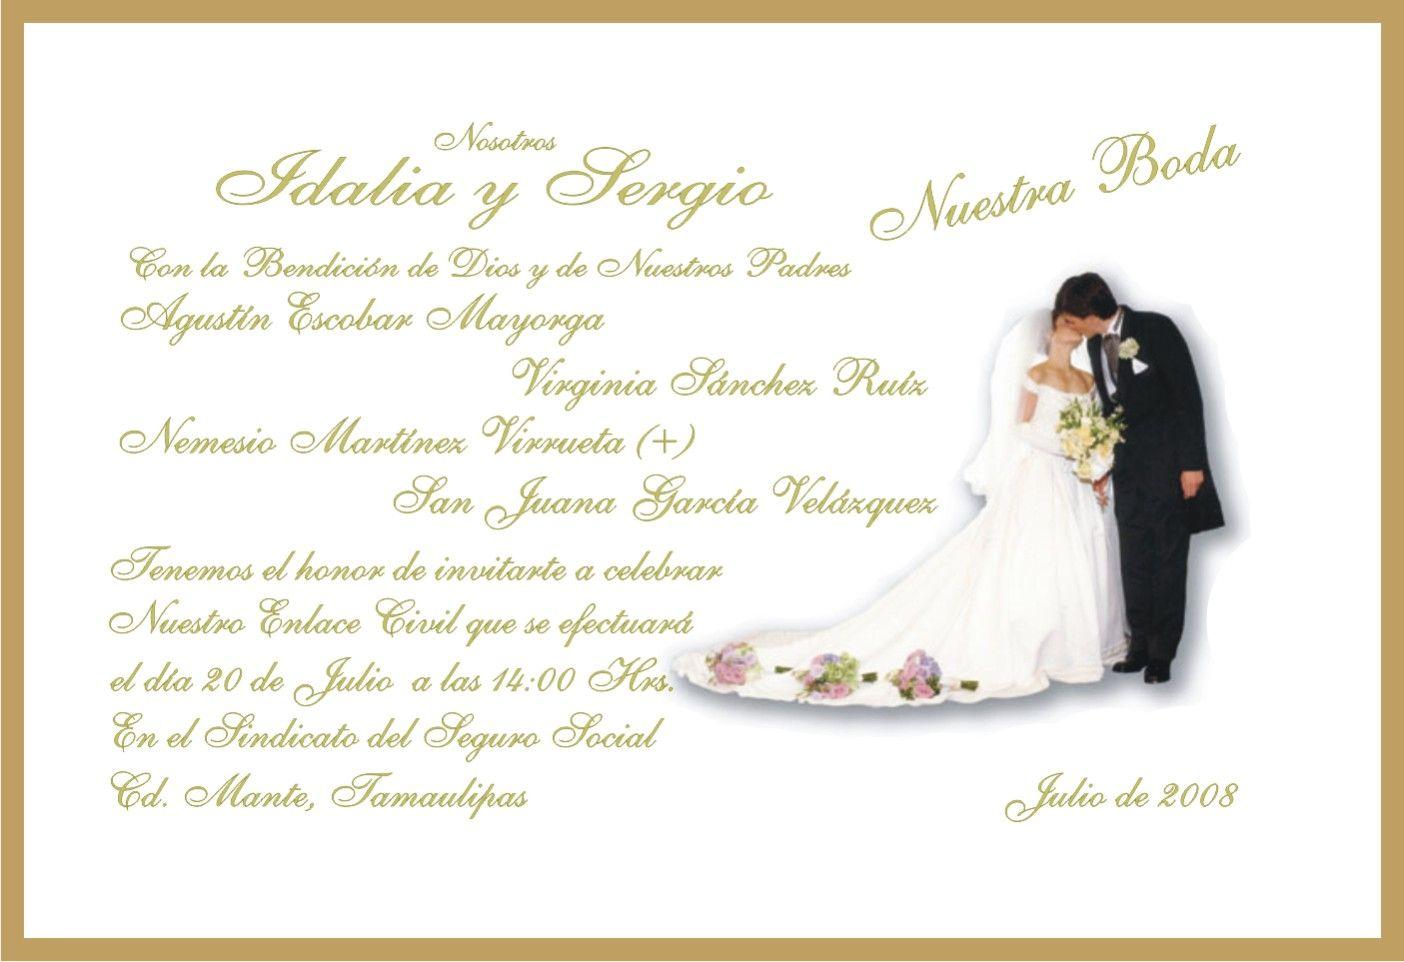 Invitaciones de boda cristiana para mandar por whatsapp 5 - Modelos de tarjetas de boda ...